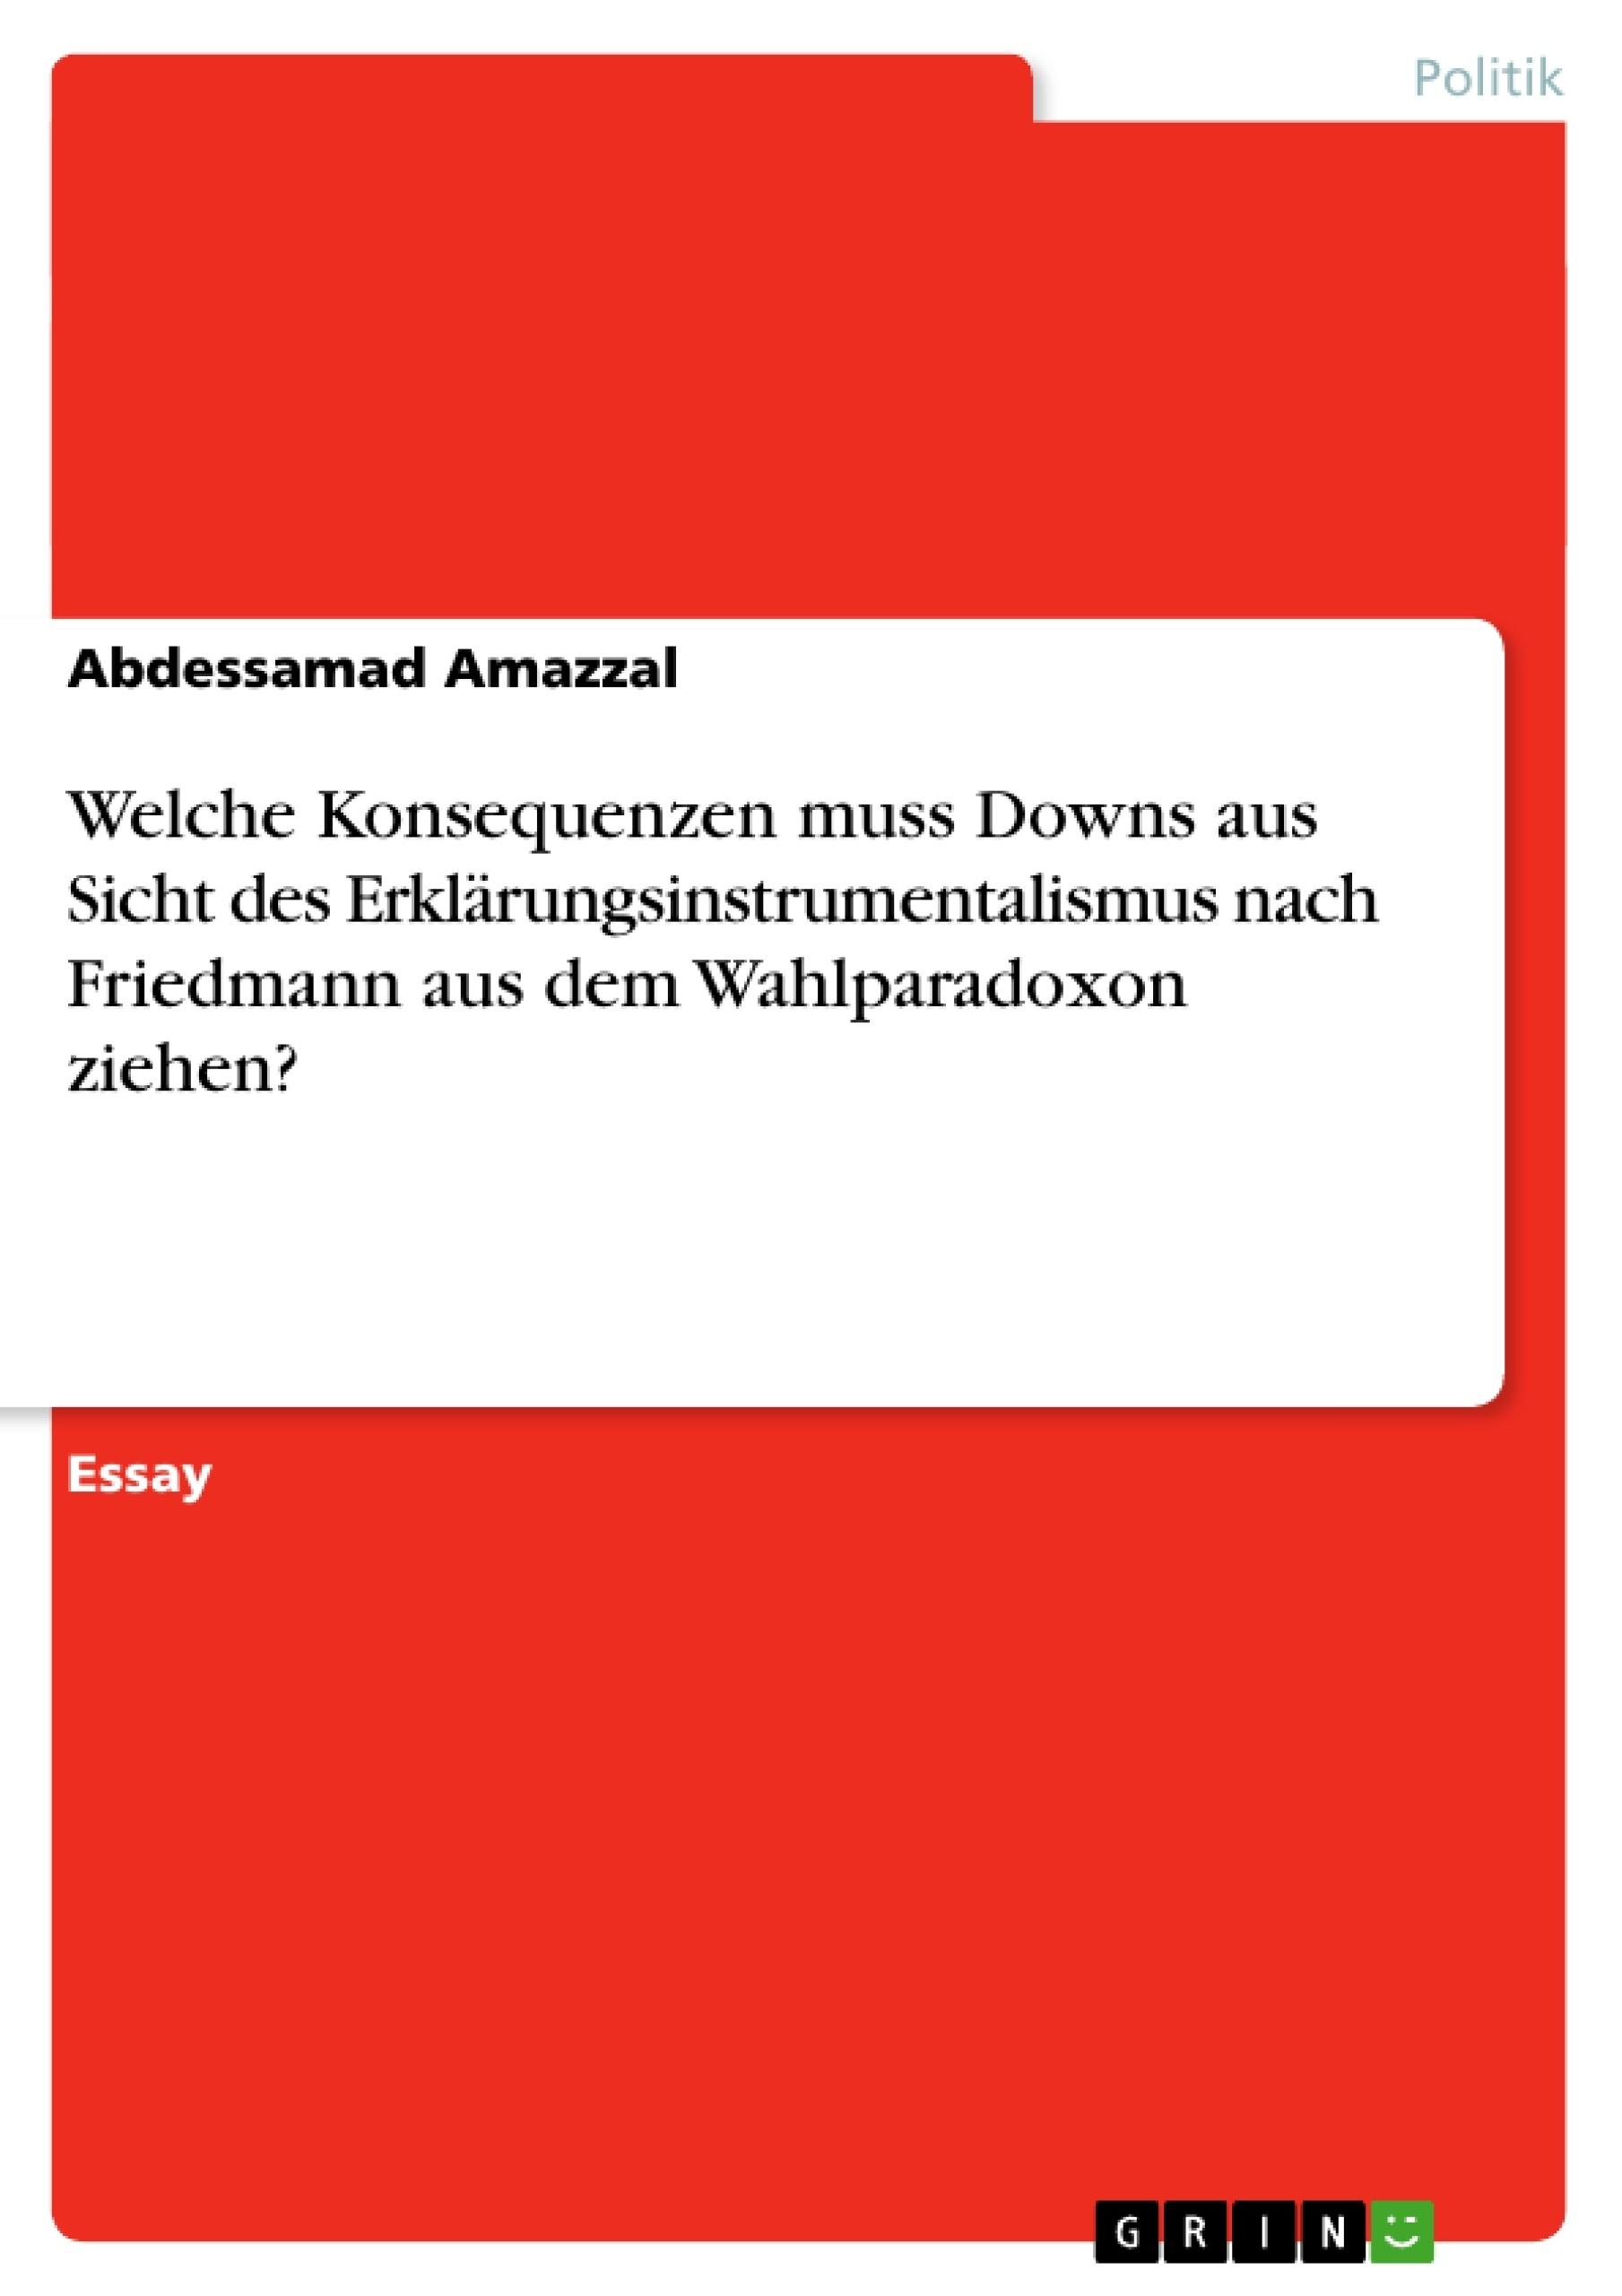 Titel: Welche Konsequenzen muss Downs aus Sicht des Erklärungsinstrumentalismus nach Friedmann aus dem Wahlparadoxon ziehen?